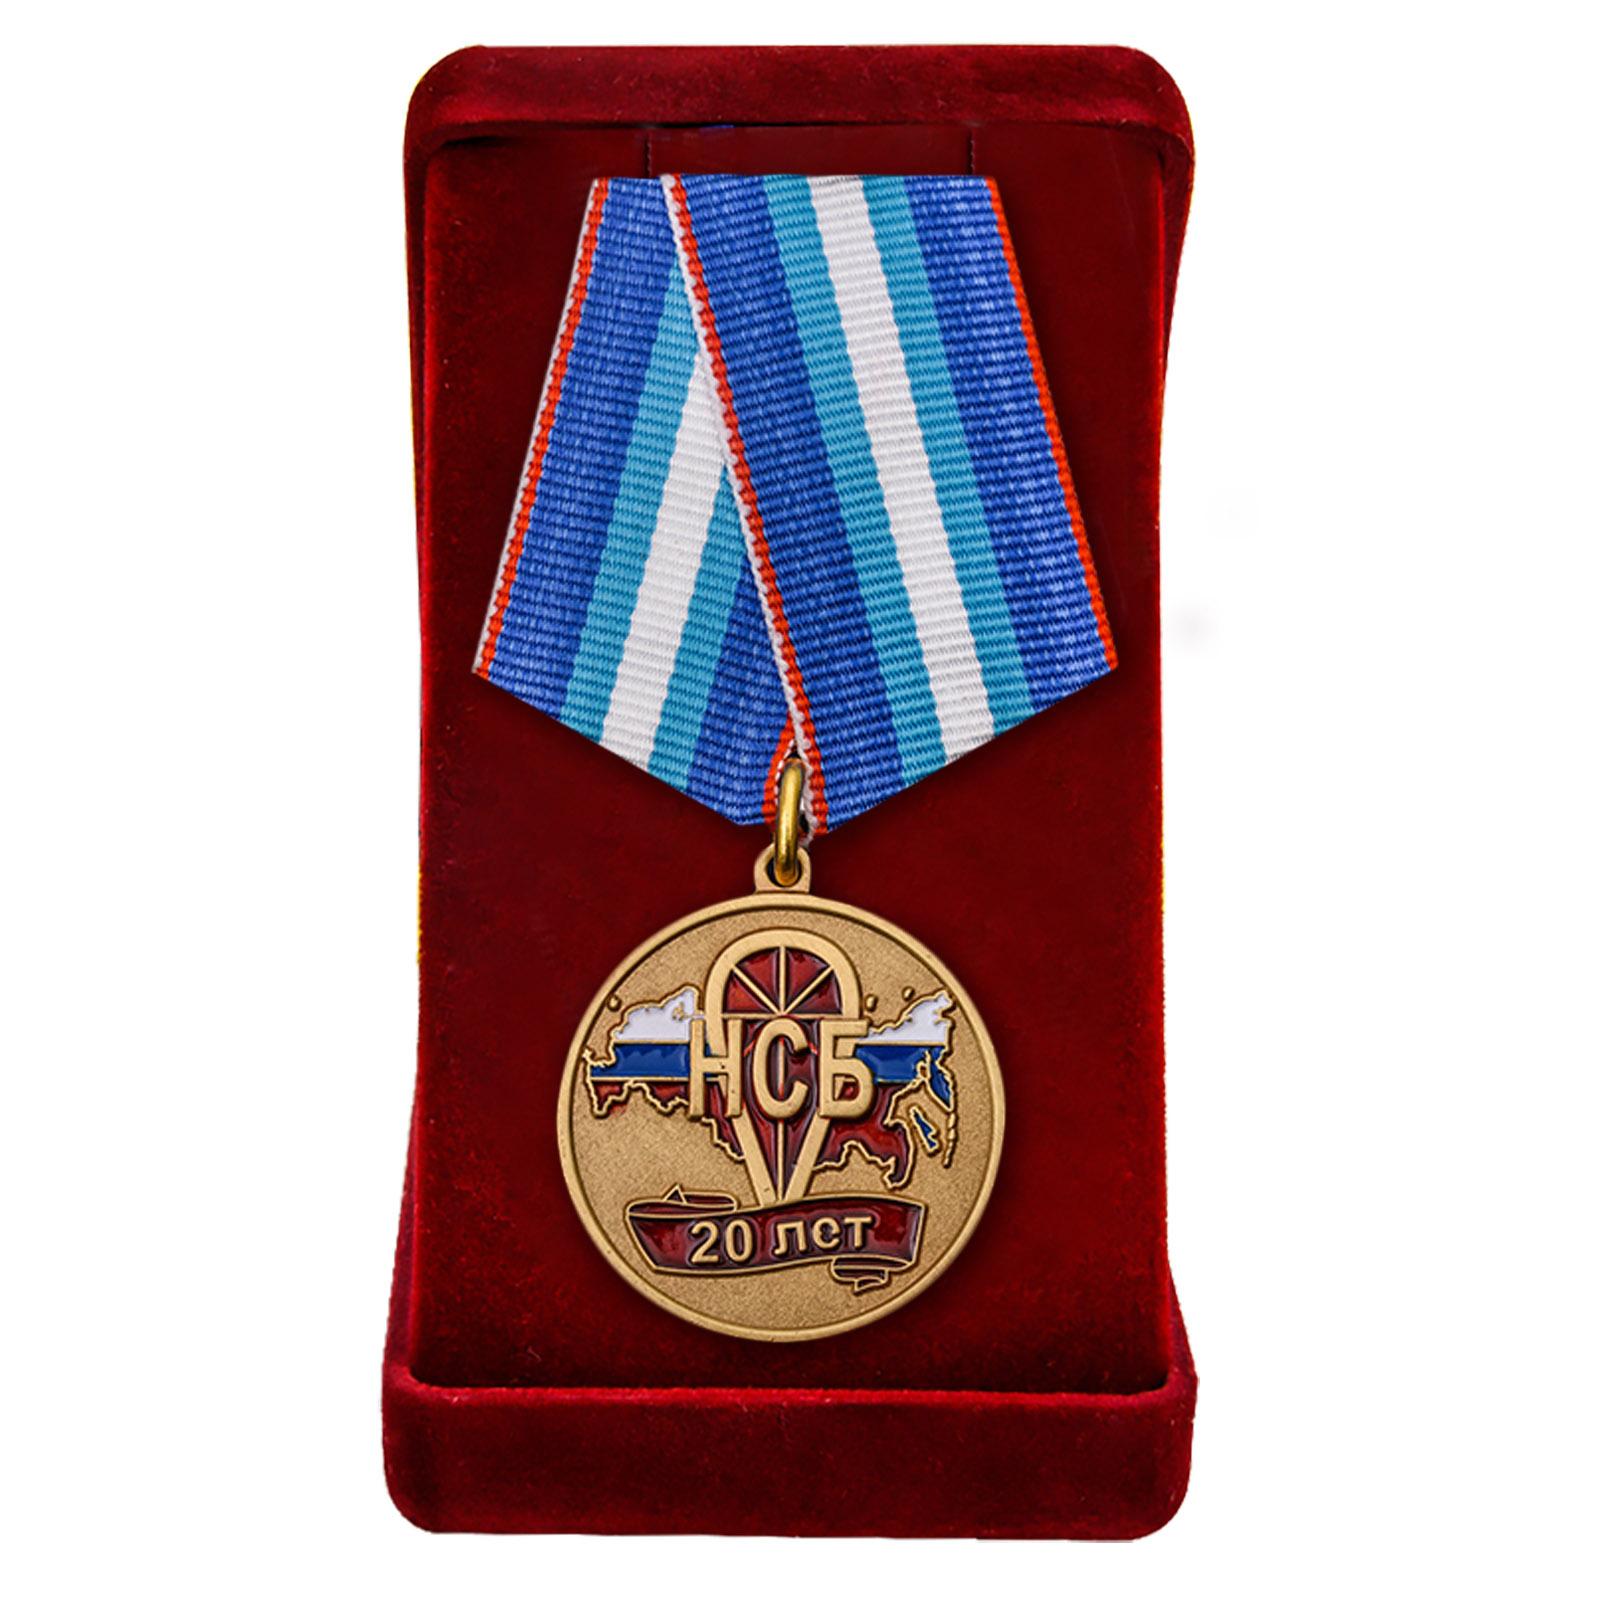 Купить памятную медаль 20 лет НСБ Негосударственная сфера безопасности в подарок